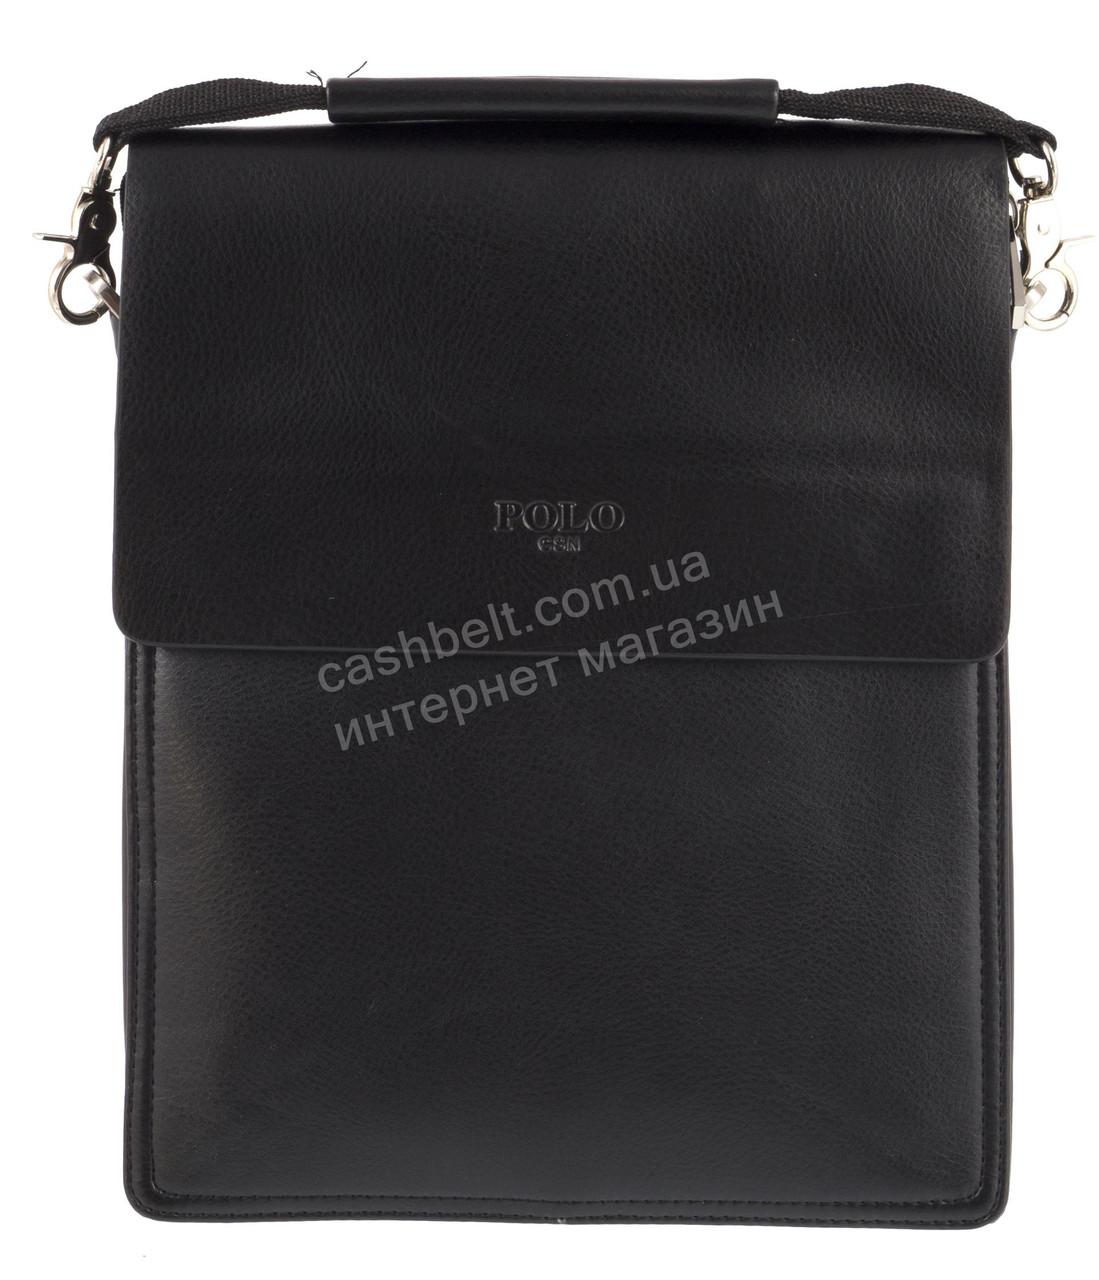 Зручна чорна міцна чоловіча сумка з якісної шкіри PU POLO art. TP88840-3 чорна